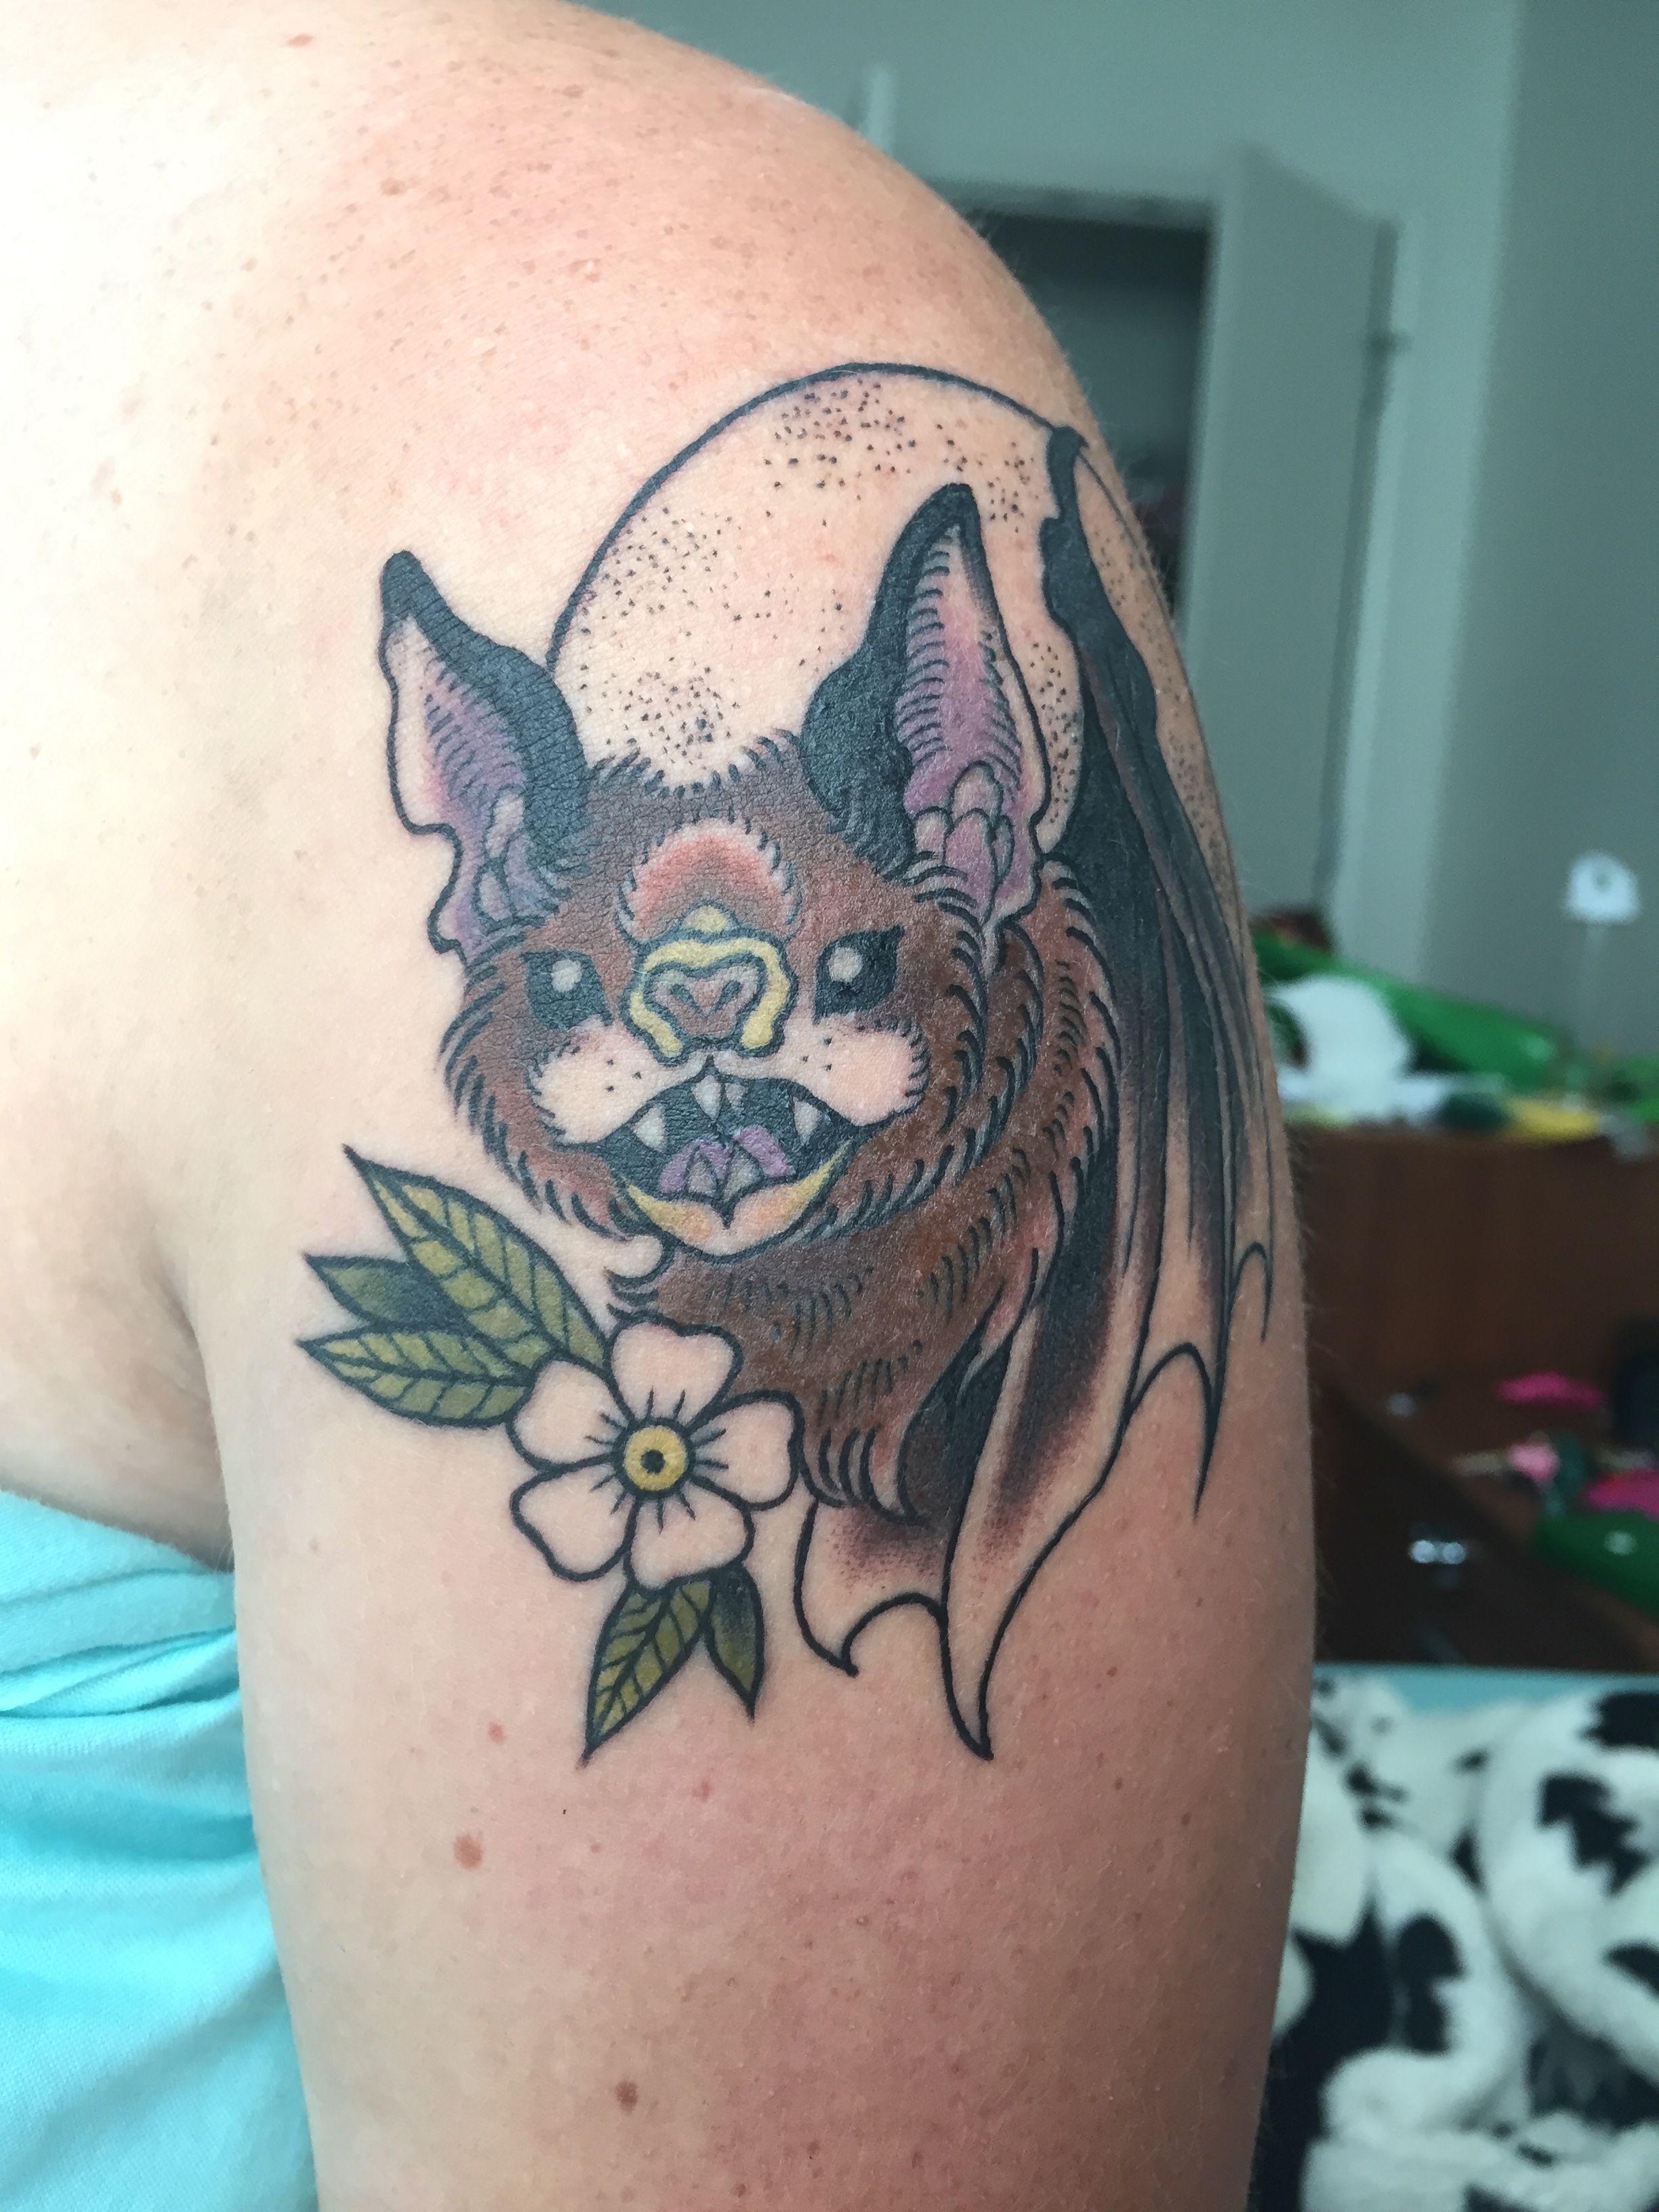 Bat tattoo from affinity tattoo in austin tattoos